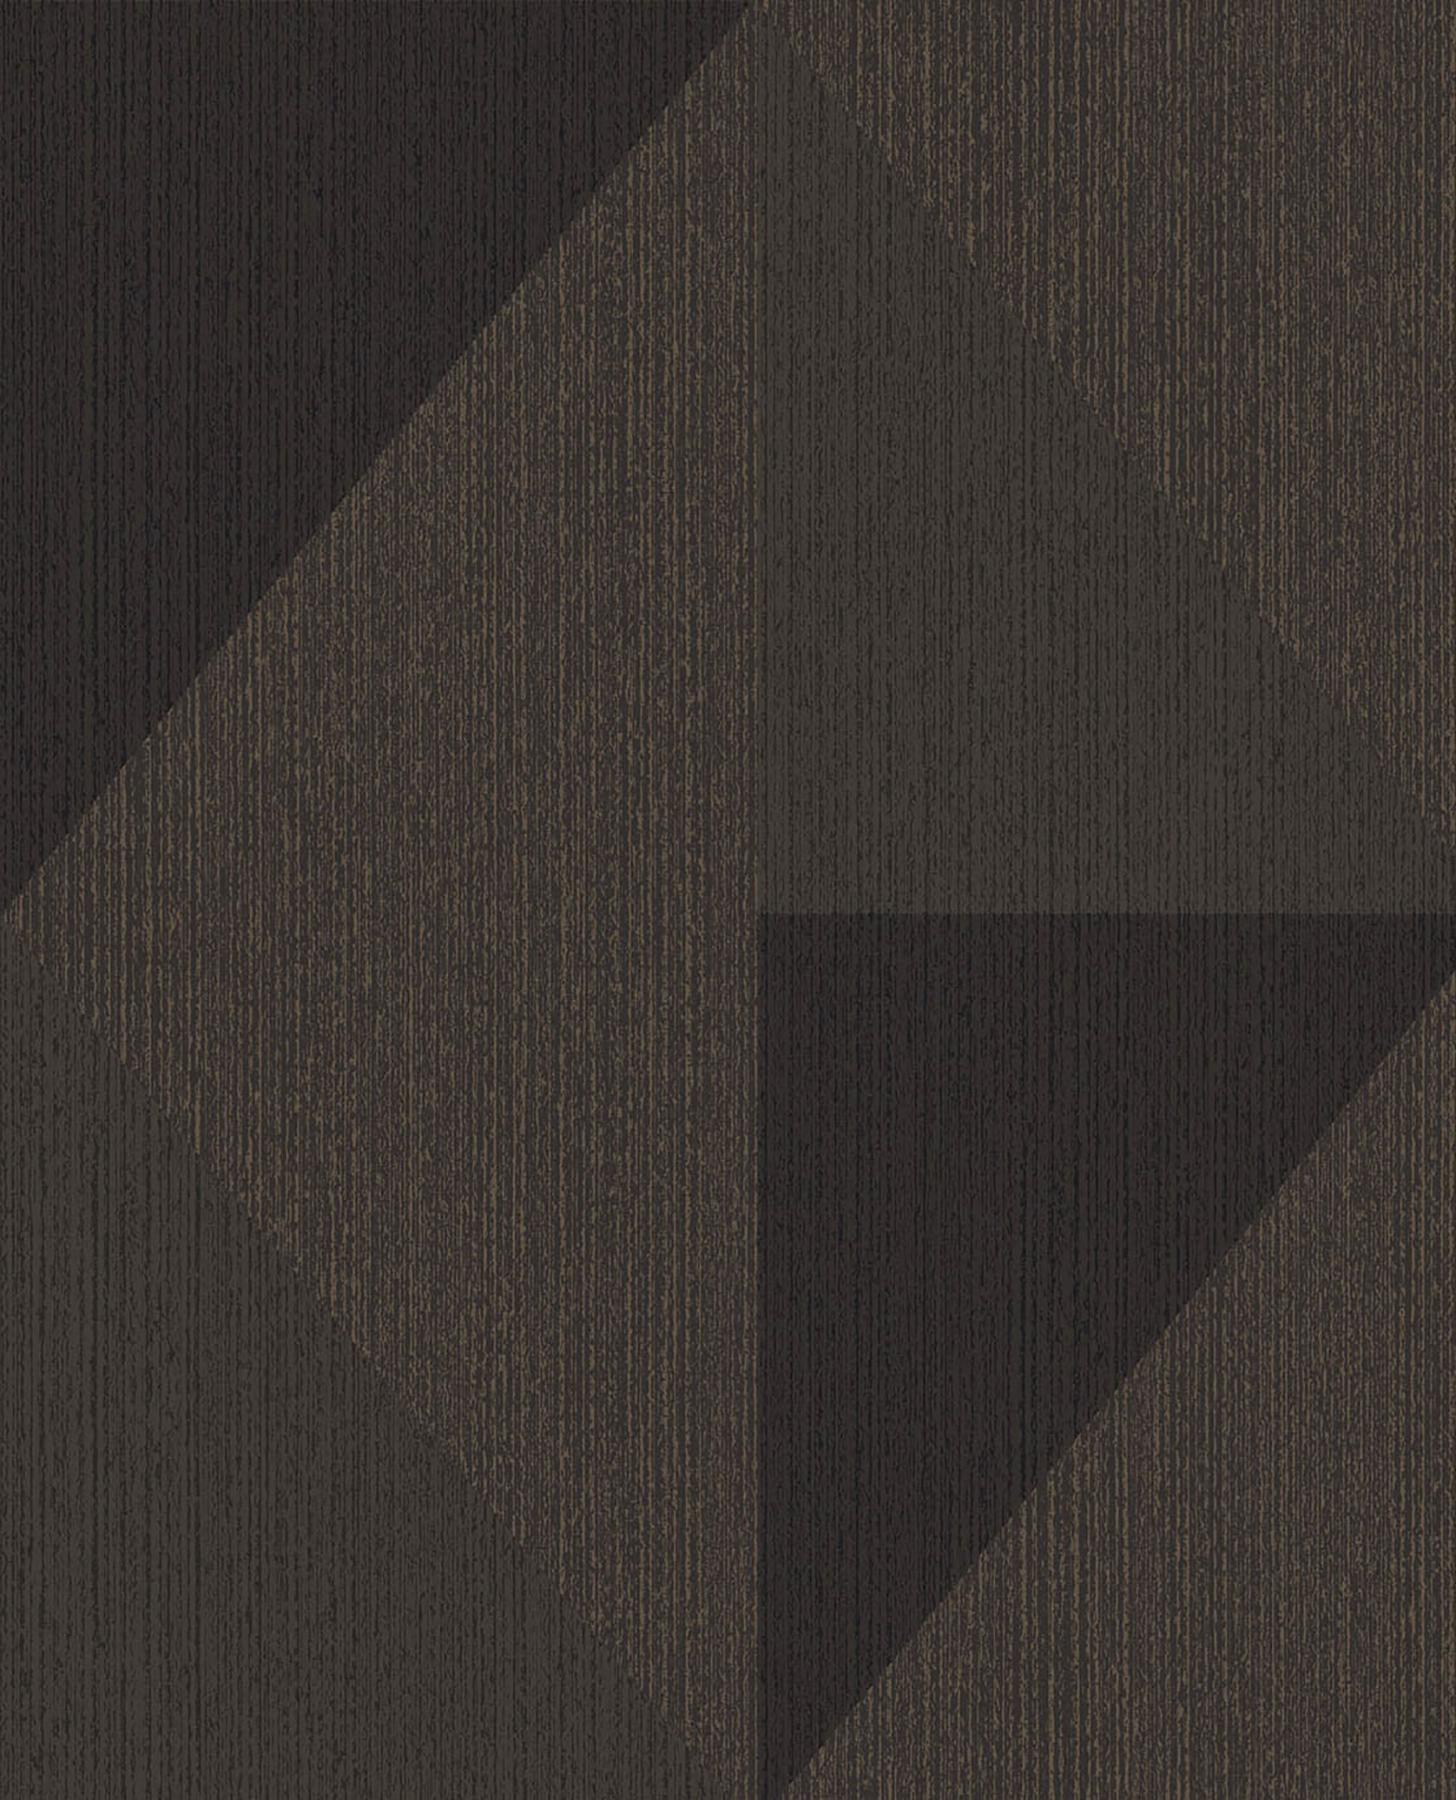 Picture of Diamond Bronze Tri-Tone Geometric Wallpaper